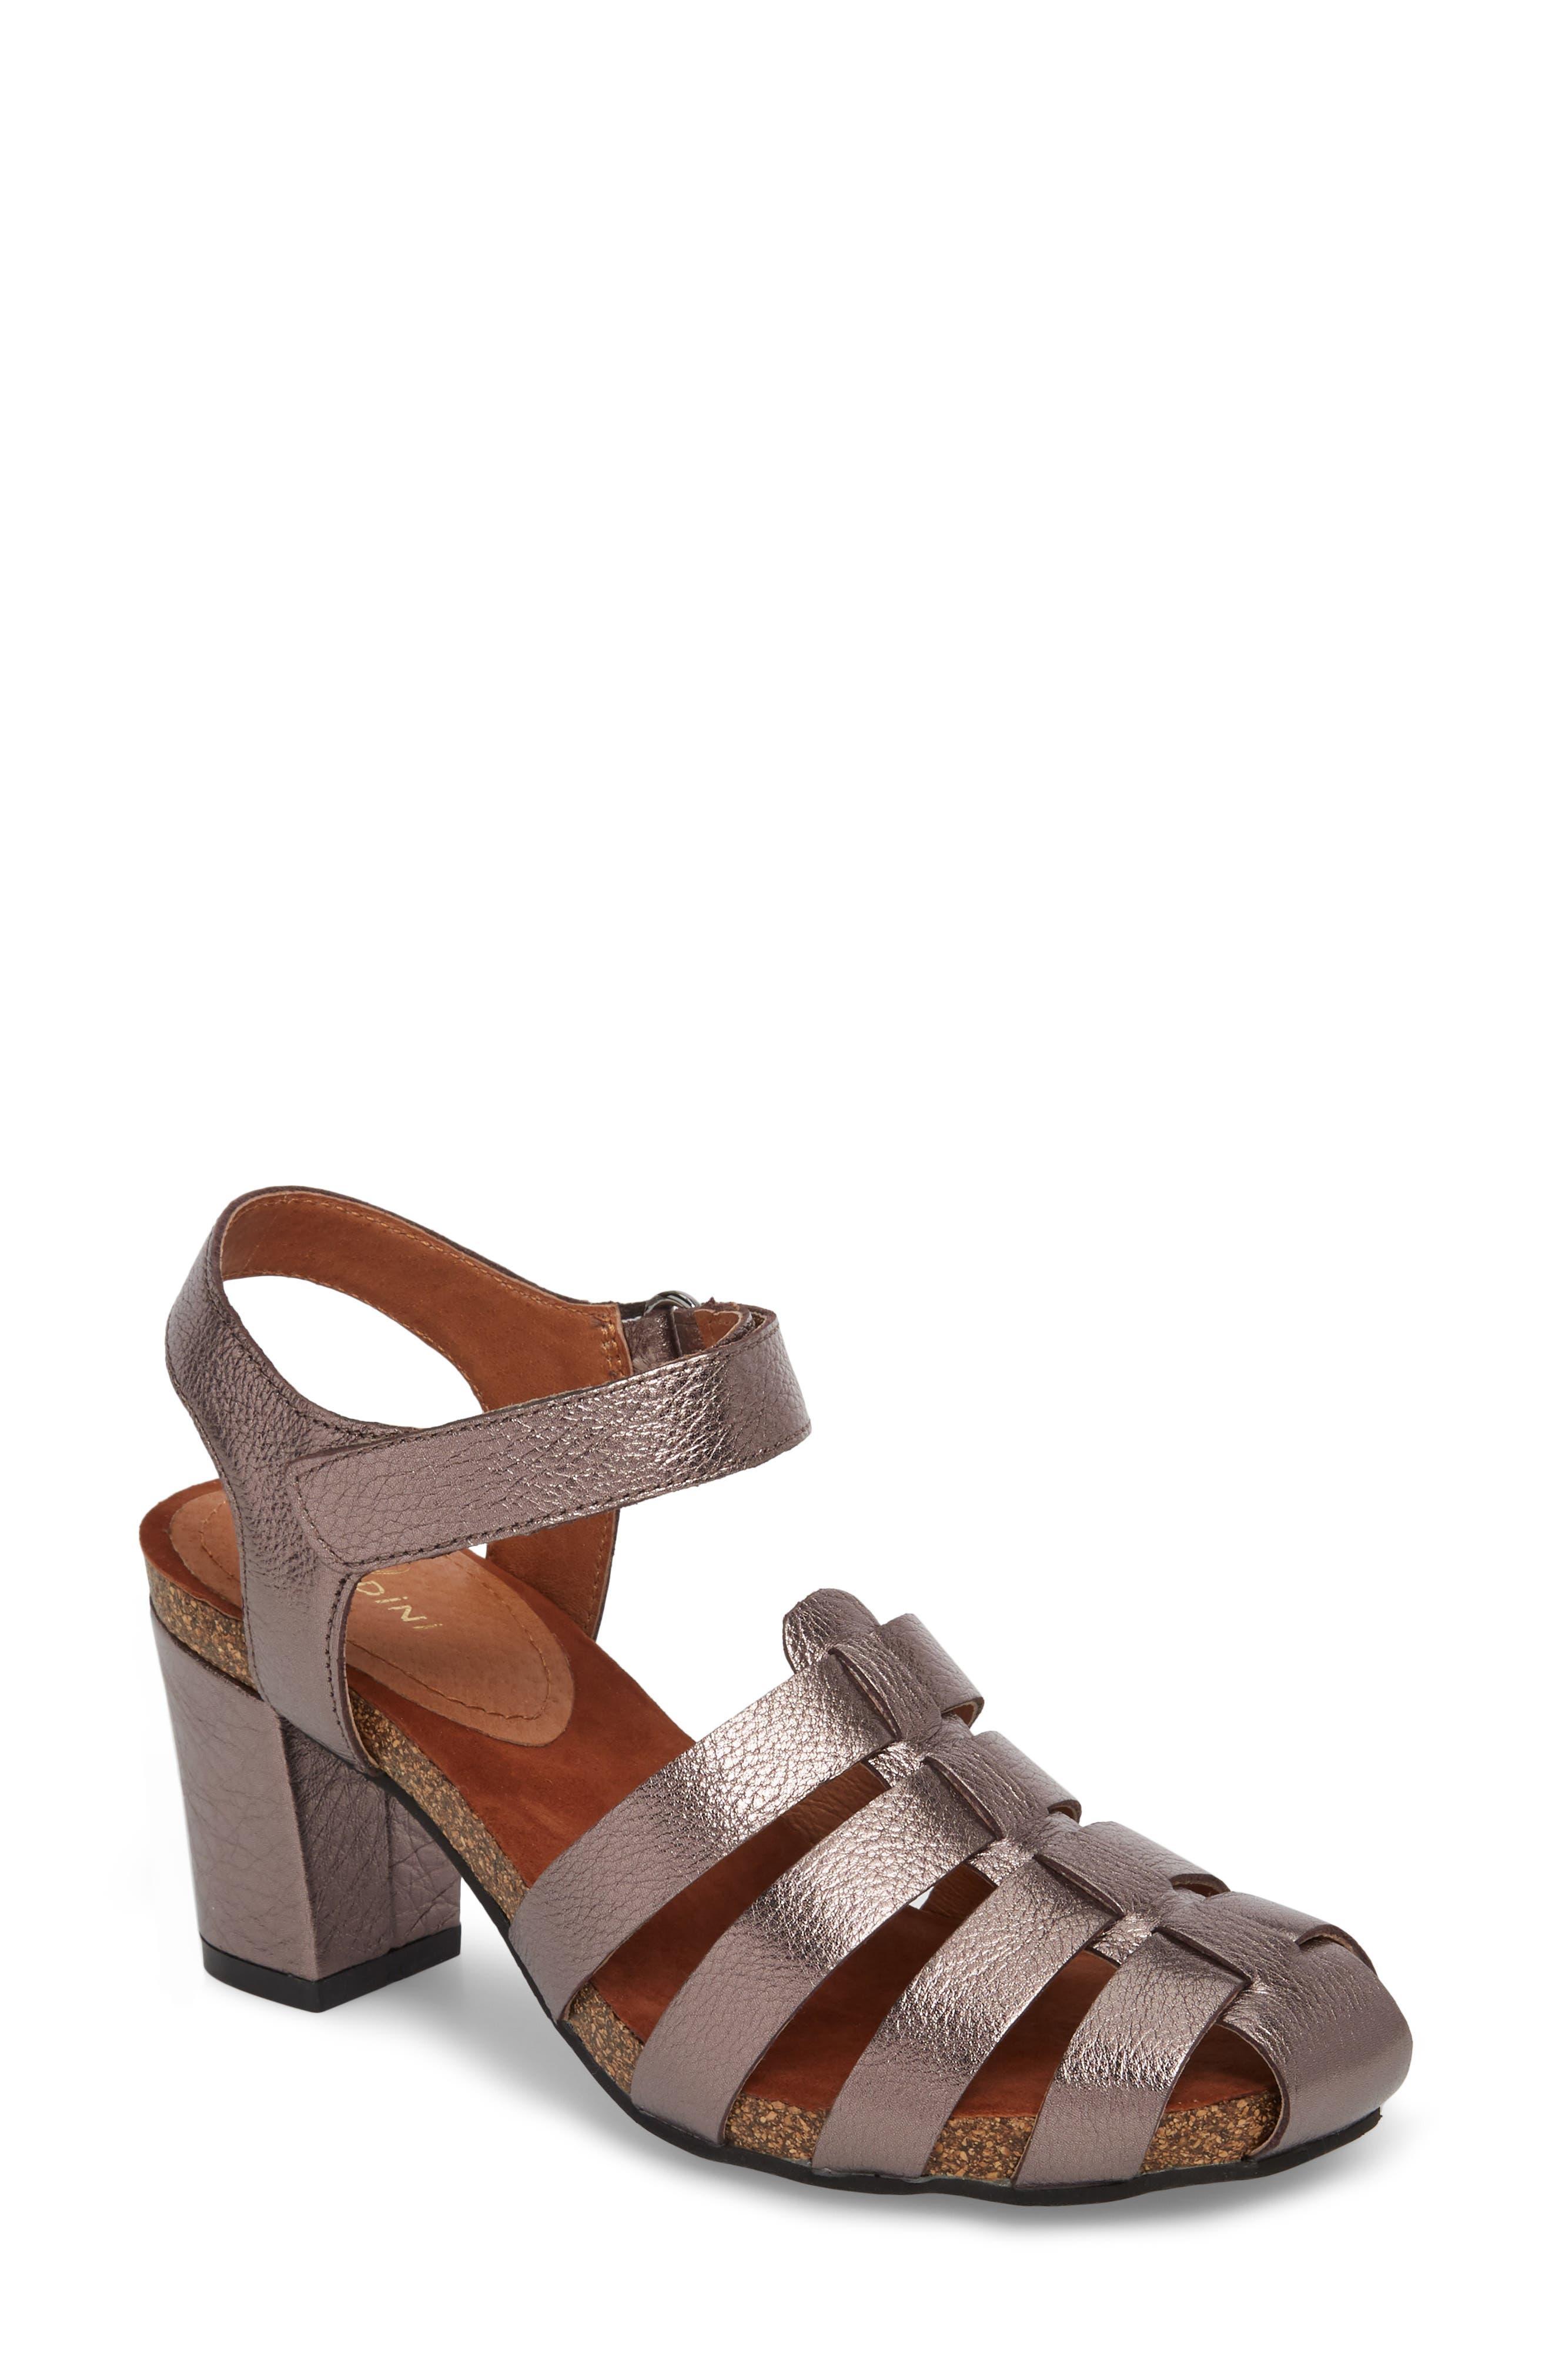 Main Image - Sudini Carrara Block Heel Sandal (Women)